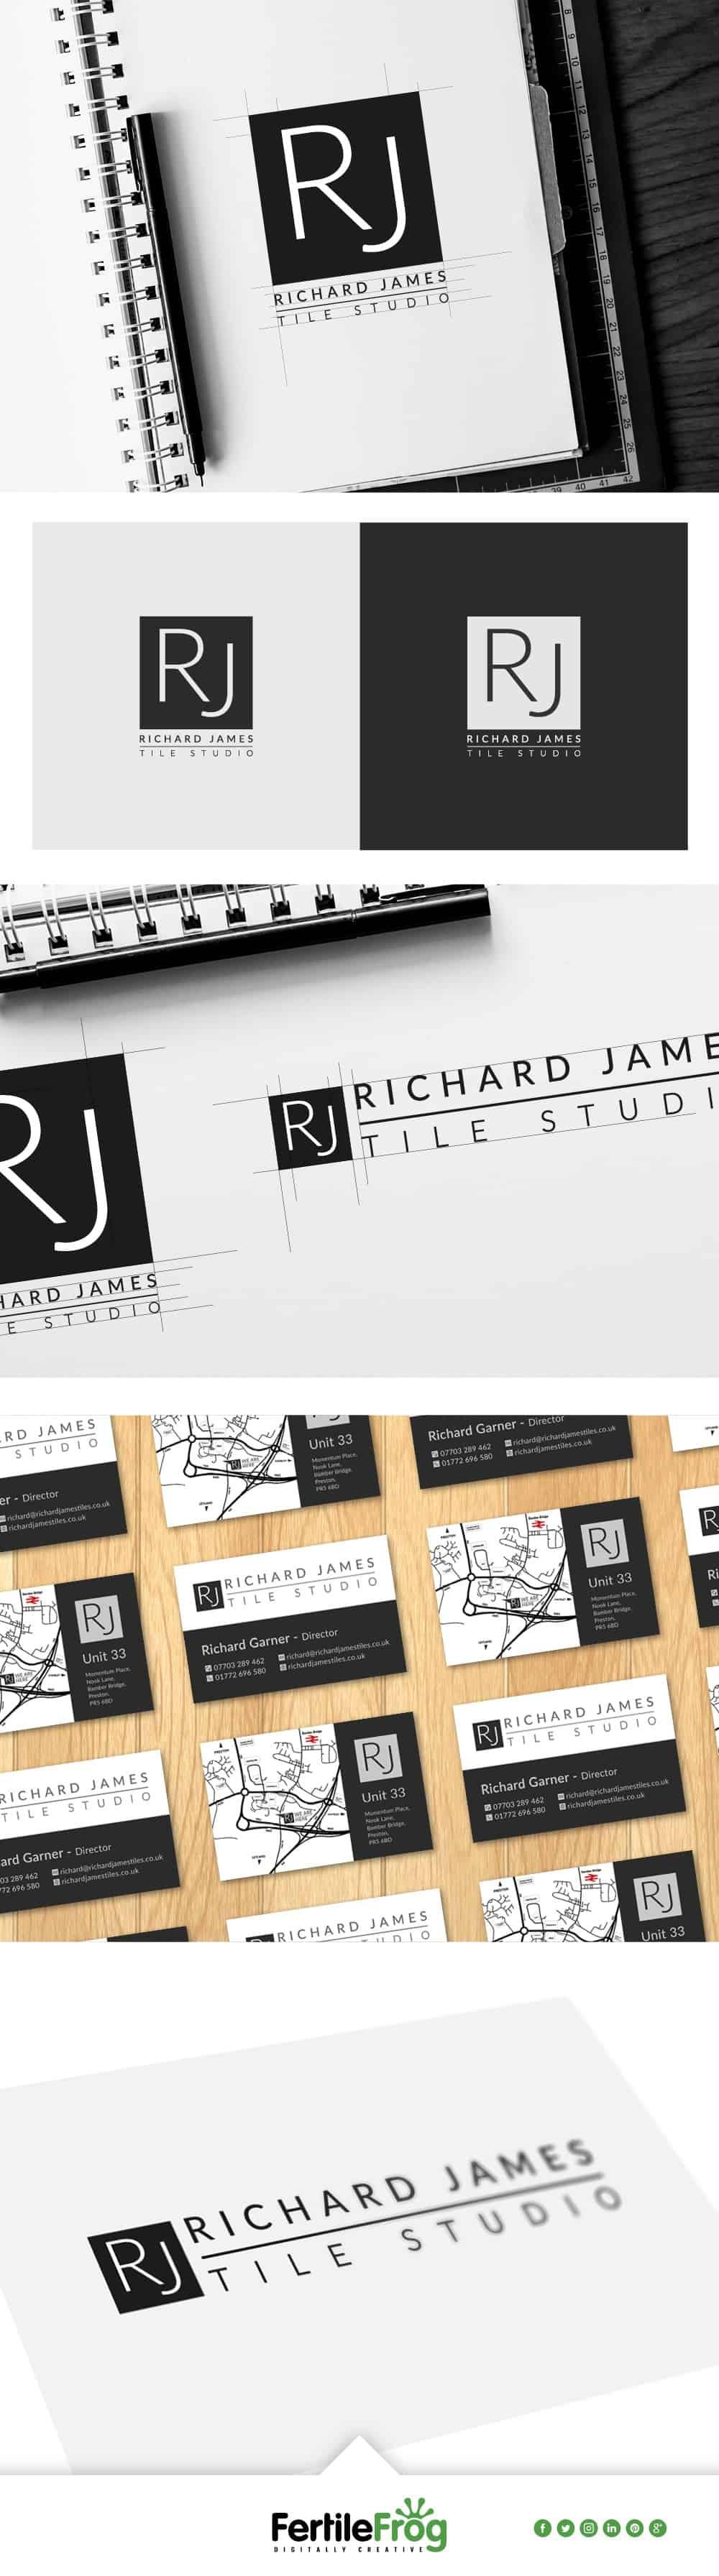 Richard James Tile Studio Logo Portfolio